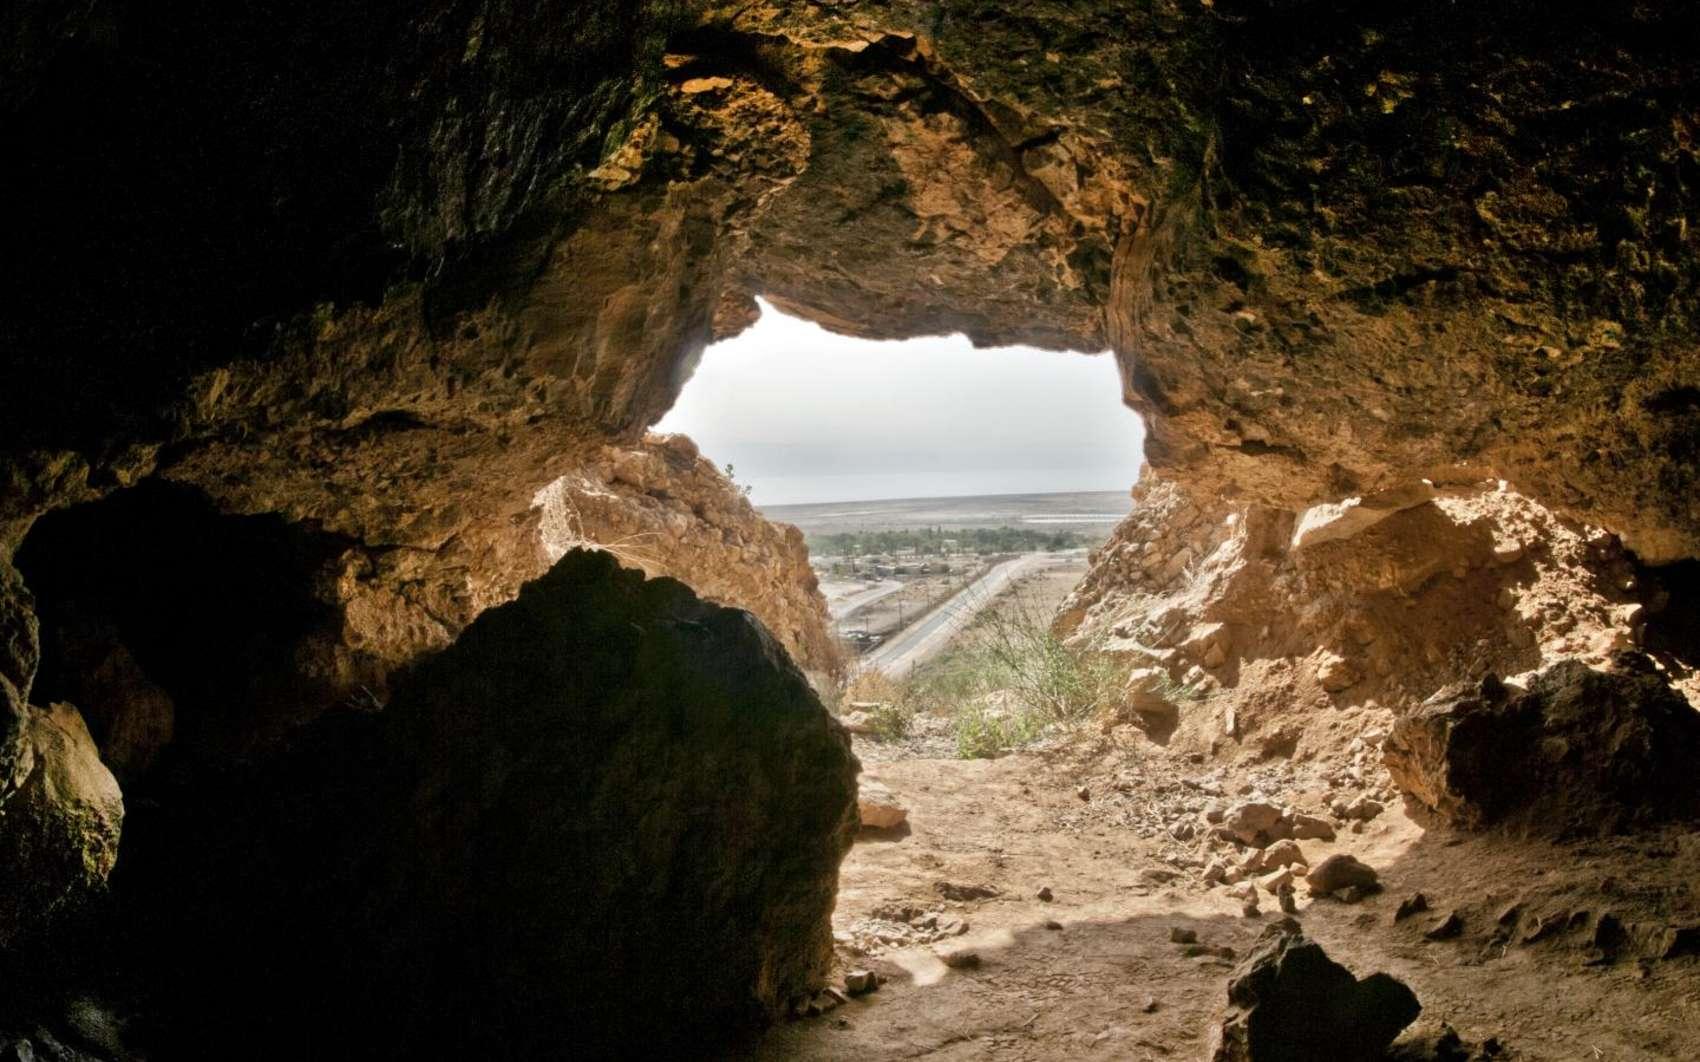 Une photo de l'une des grottes de Qumrân où les manuscrits ont été découverts. © Shai Halevi, Israel Antiquities Authority